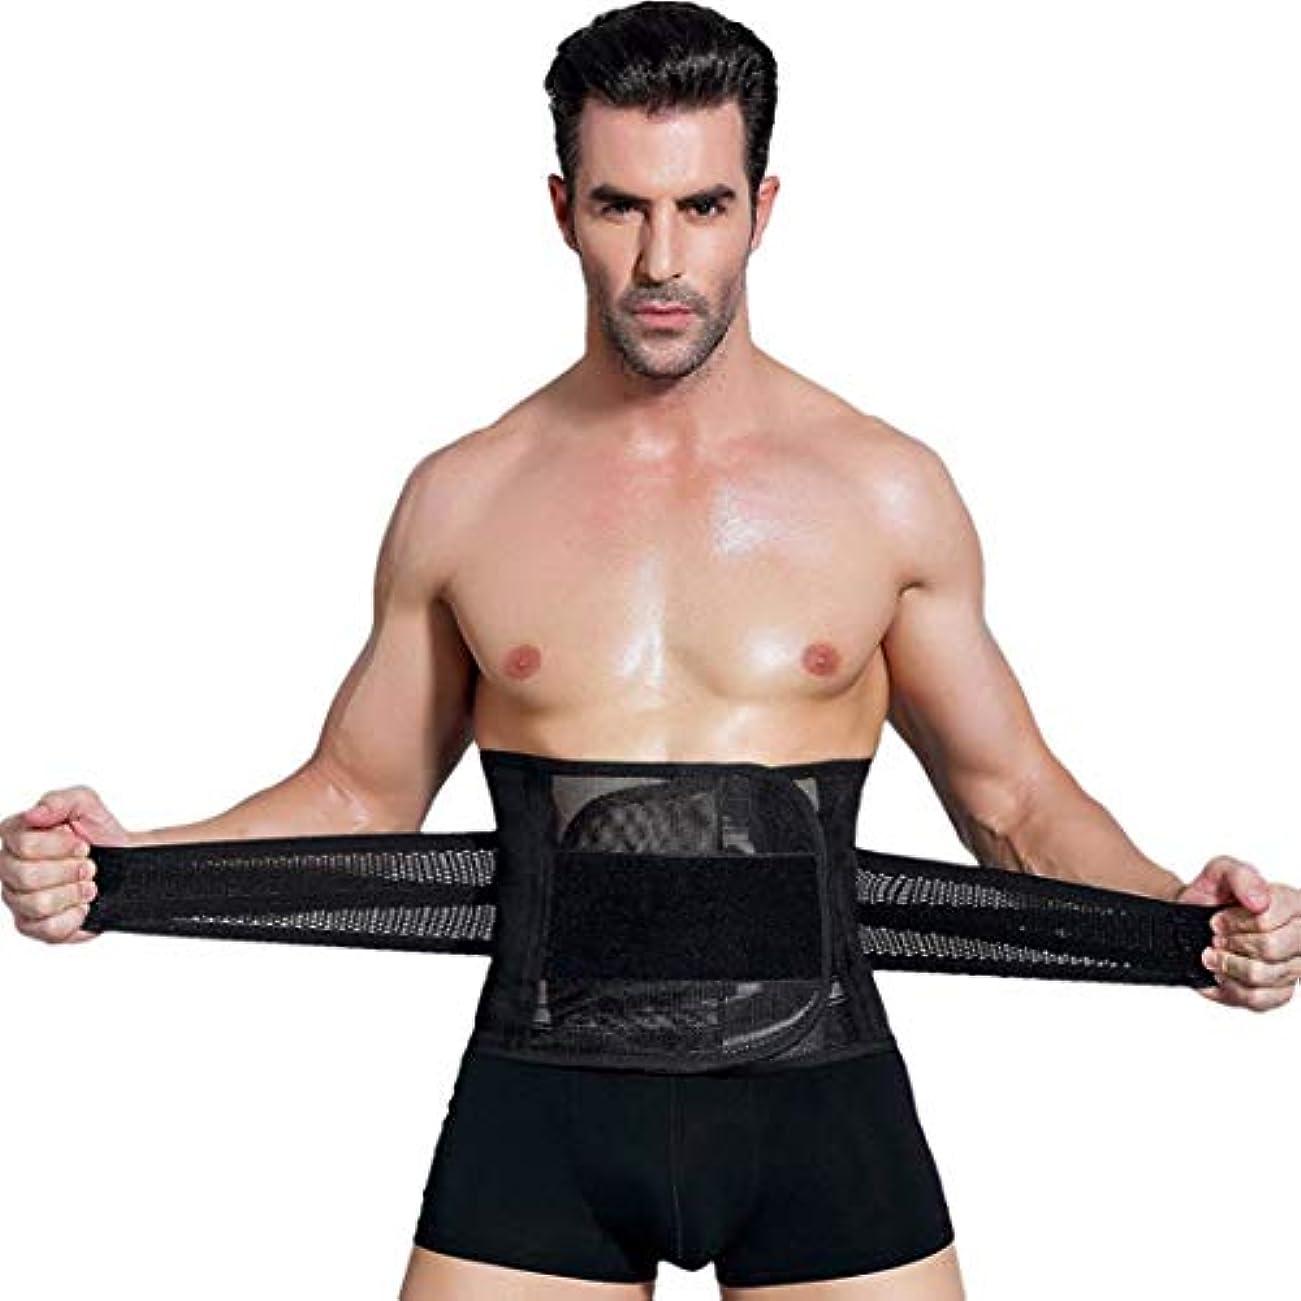 休暇郵便許可する男性ボディシェイパーコルセット腹部おなかコントロールウエストトレーナーニッパー脂肪燃焼ガードル痩身腹ベルト用男性 - ブラックXXL